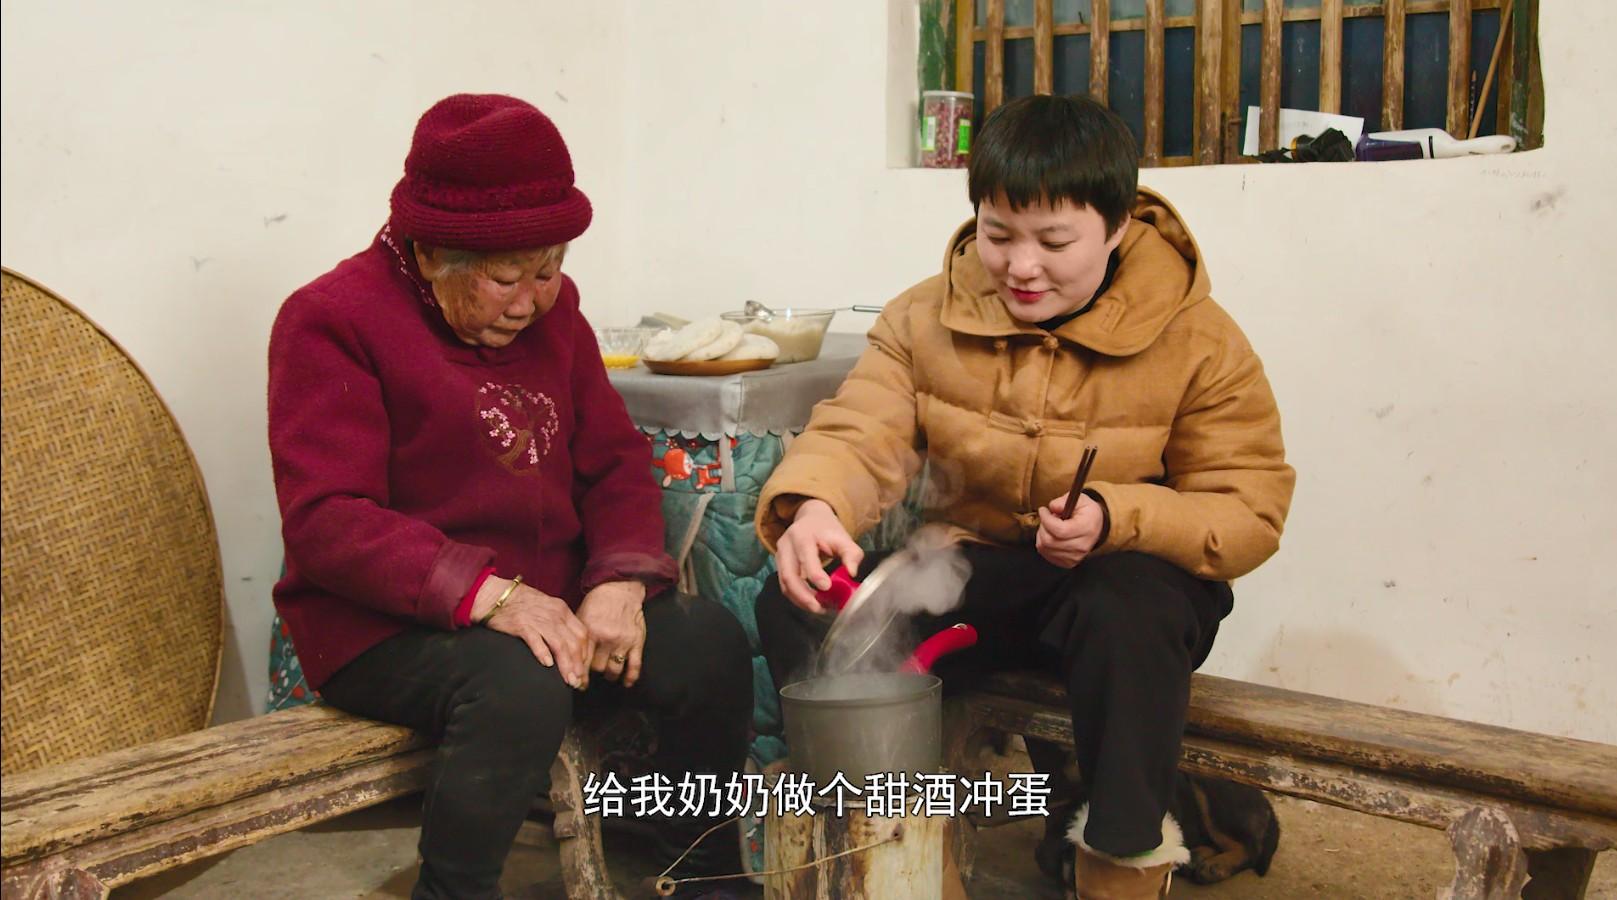 传统甜酒(醪糟)做法,和鸡蛋红枣一起喝,很养生怎样煮